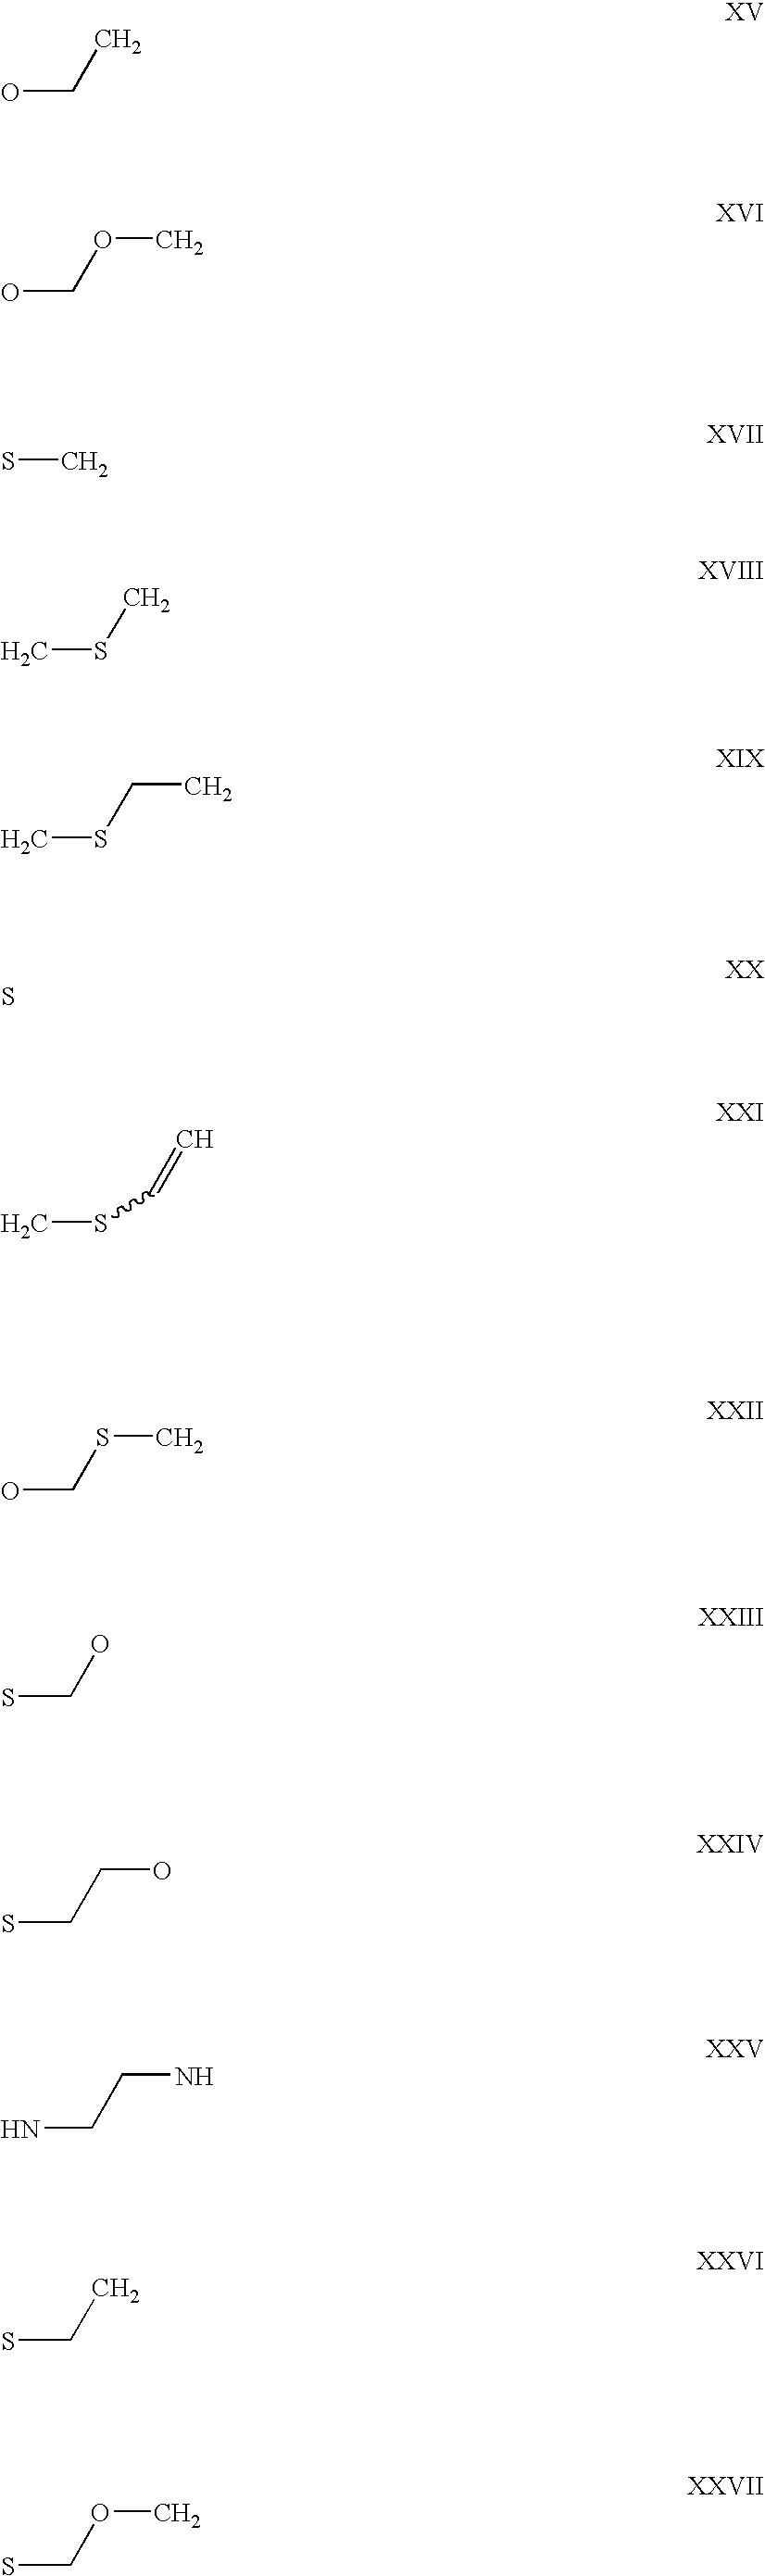 Figure US20060014144A1-20060119-C00076